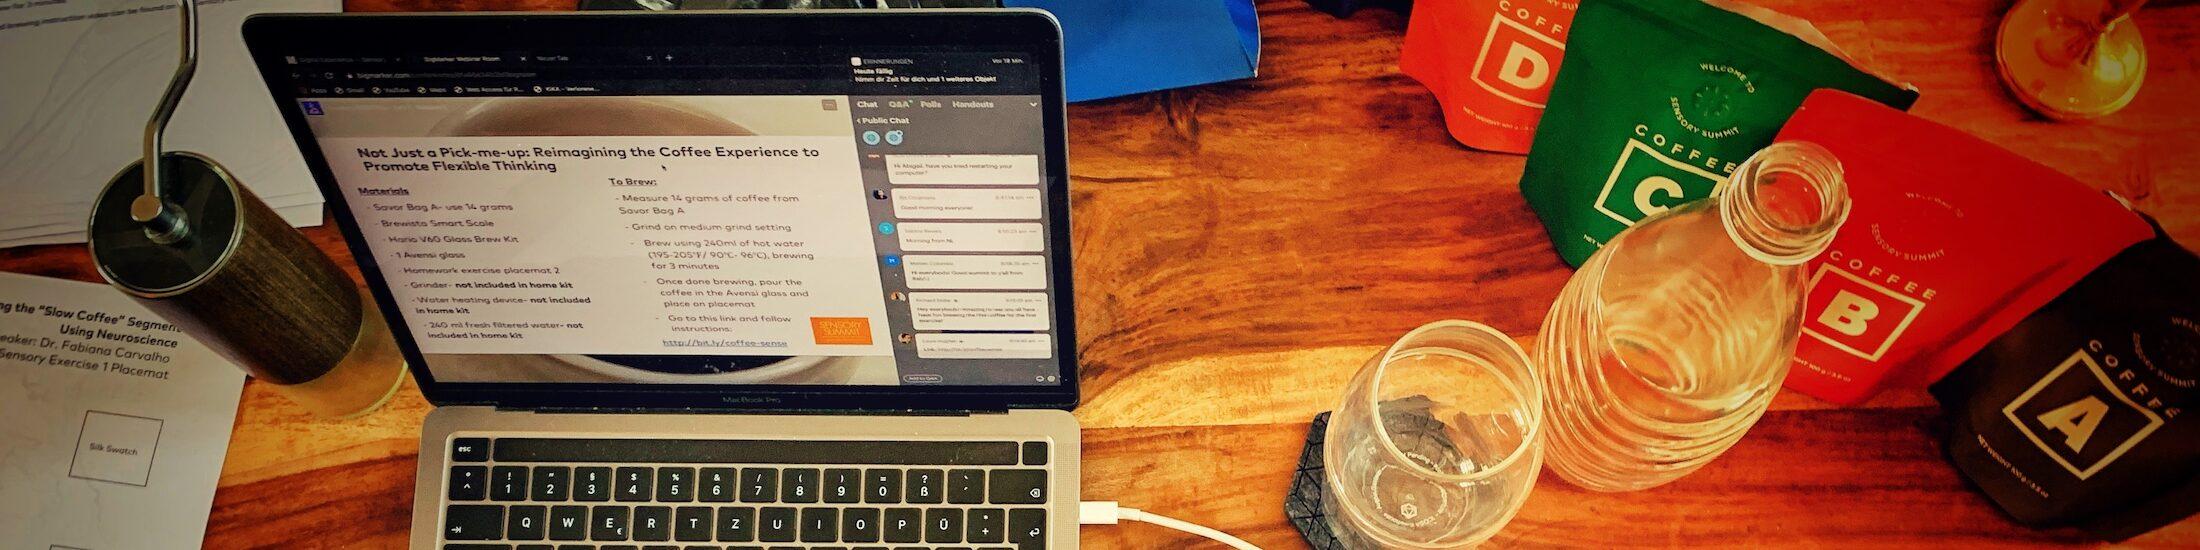 Mein Setup bei einem Online Sensorik Kongress. Sie ständig fortbilden gehört zu Coach sein dazu.